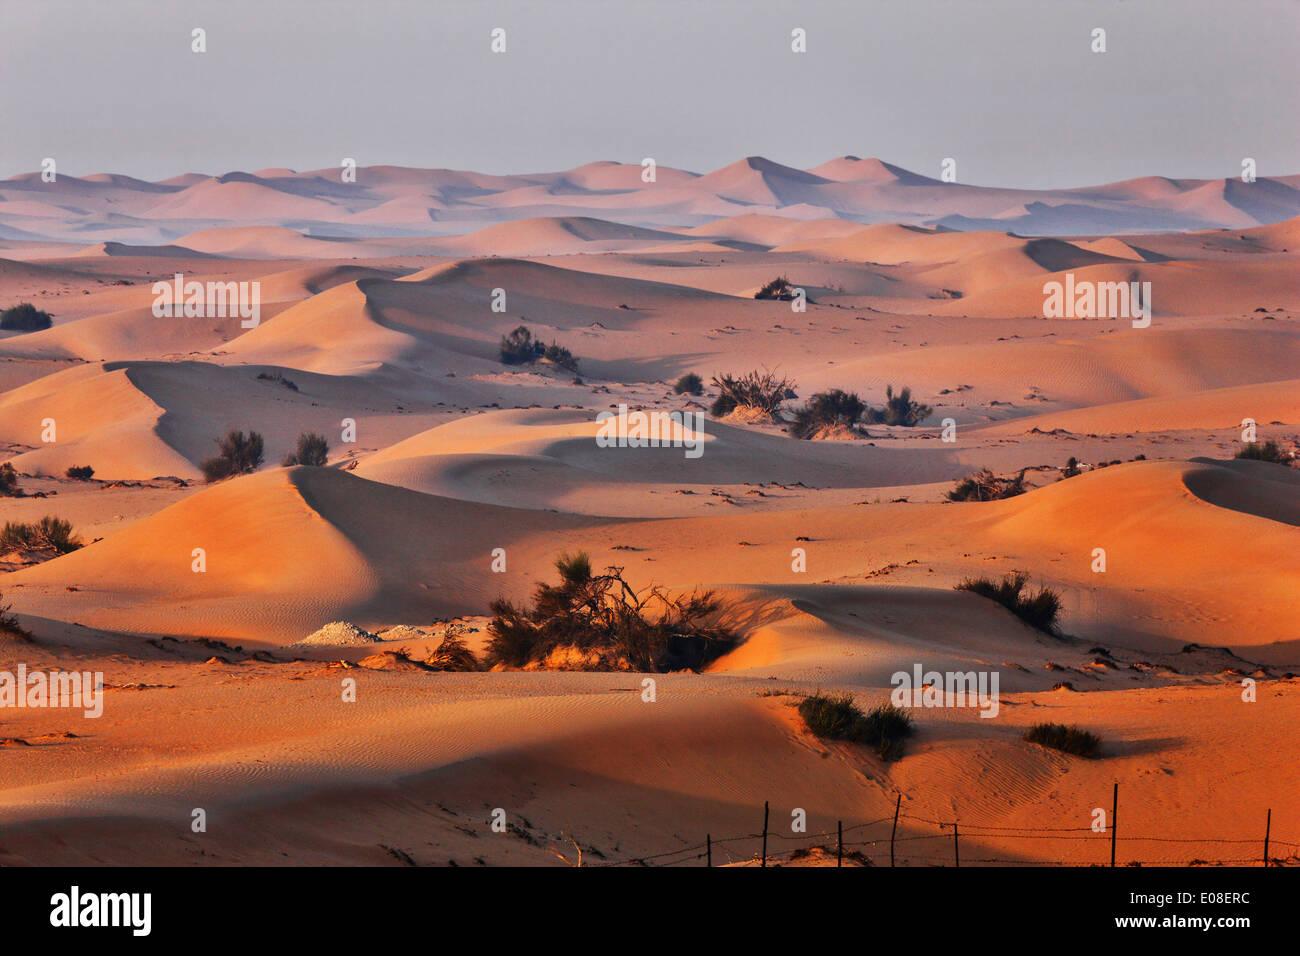 Sabbia paesaggio di dune nel deserto Arabico. Immagini Stock